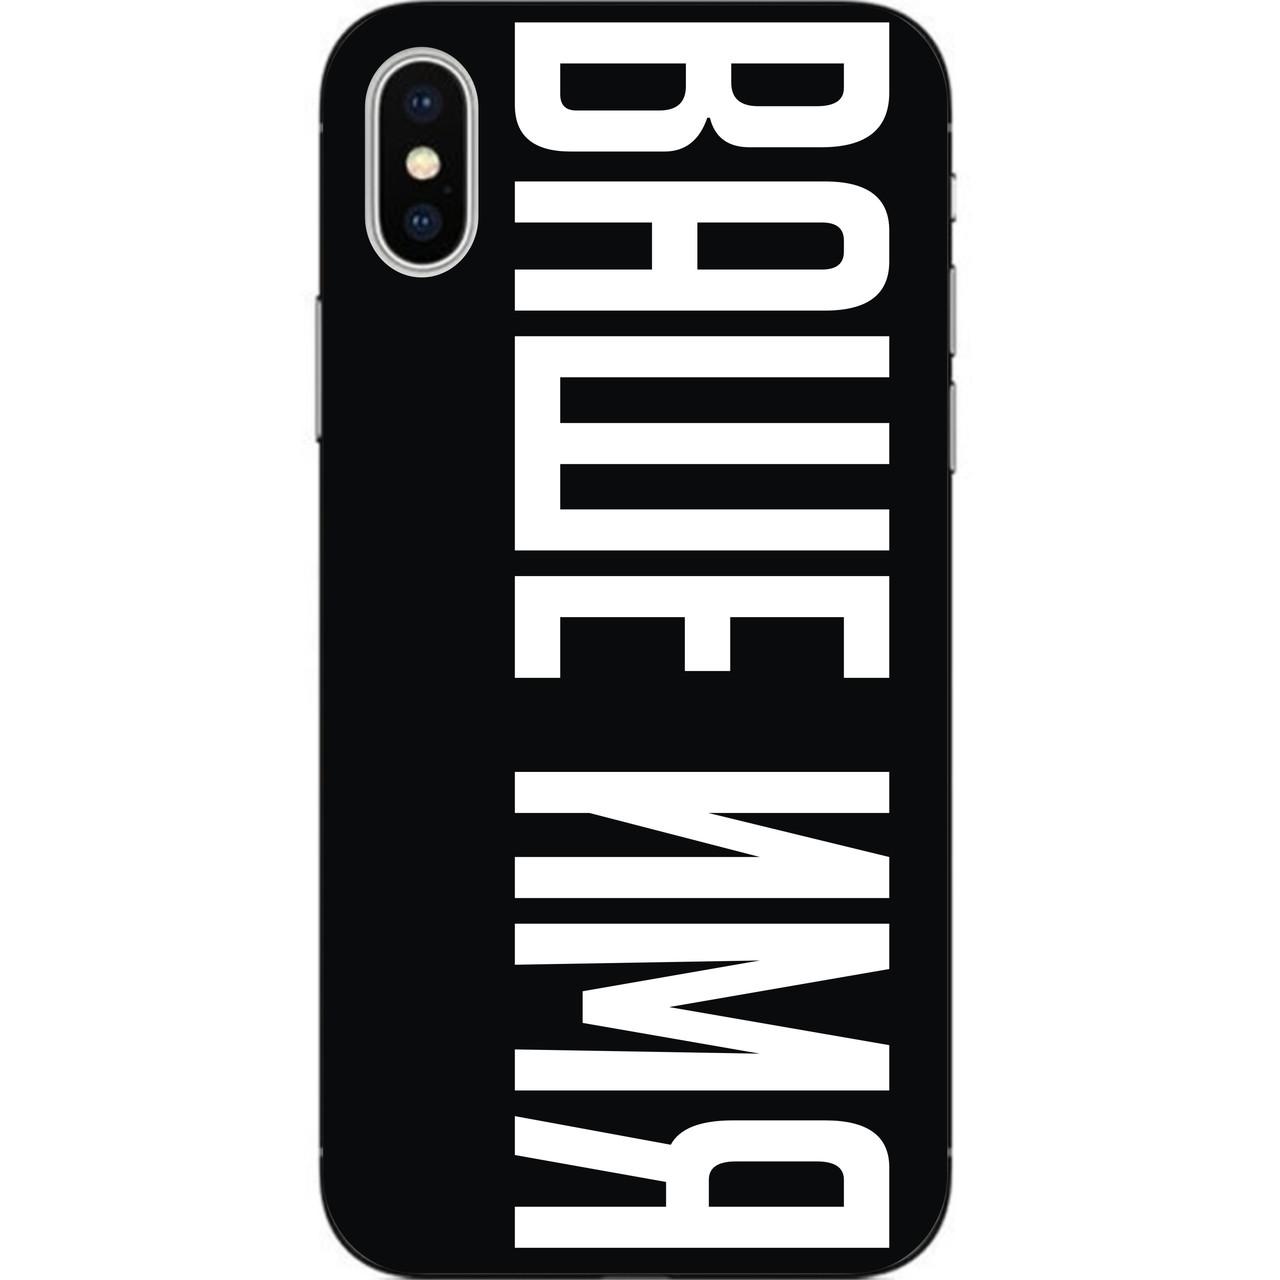 Іменний чохол для Iphone XS бампер з ім'ям друк на чохлі